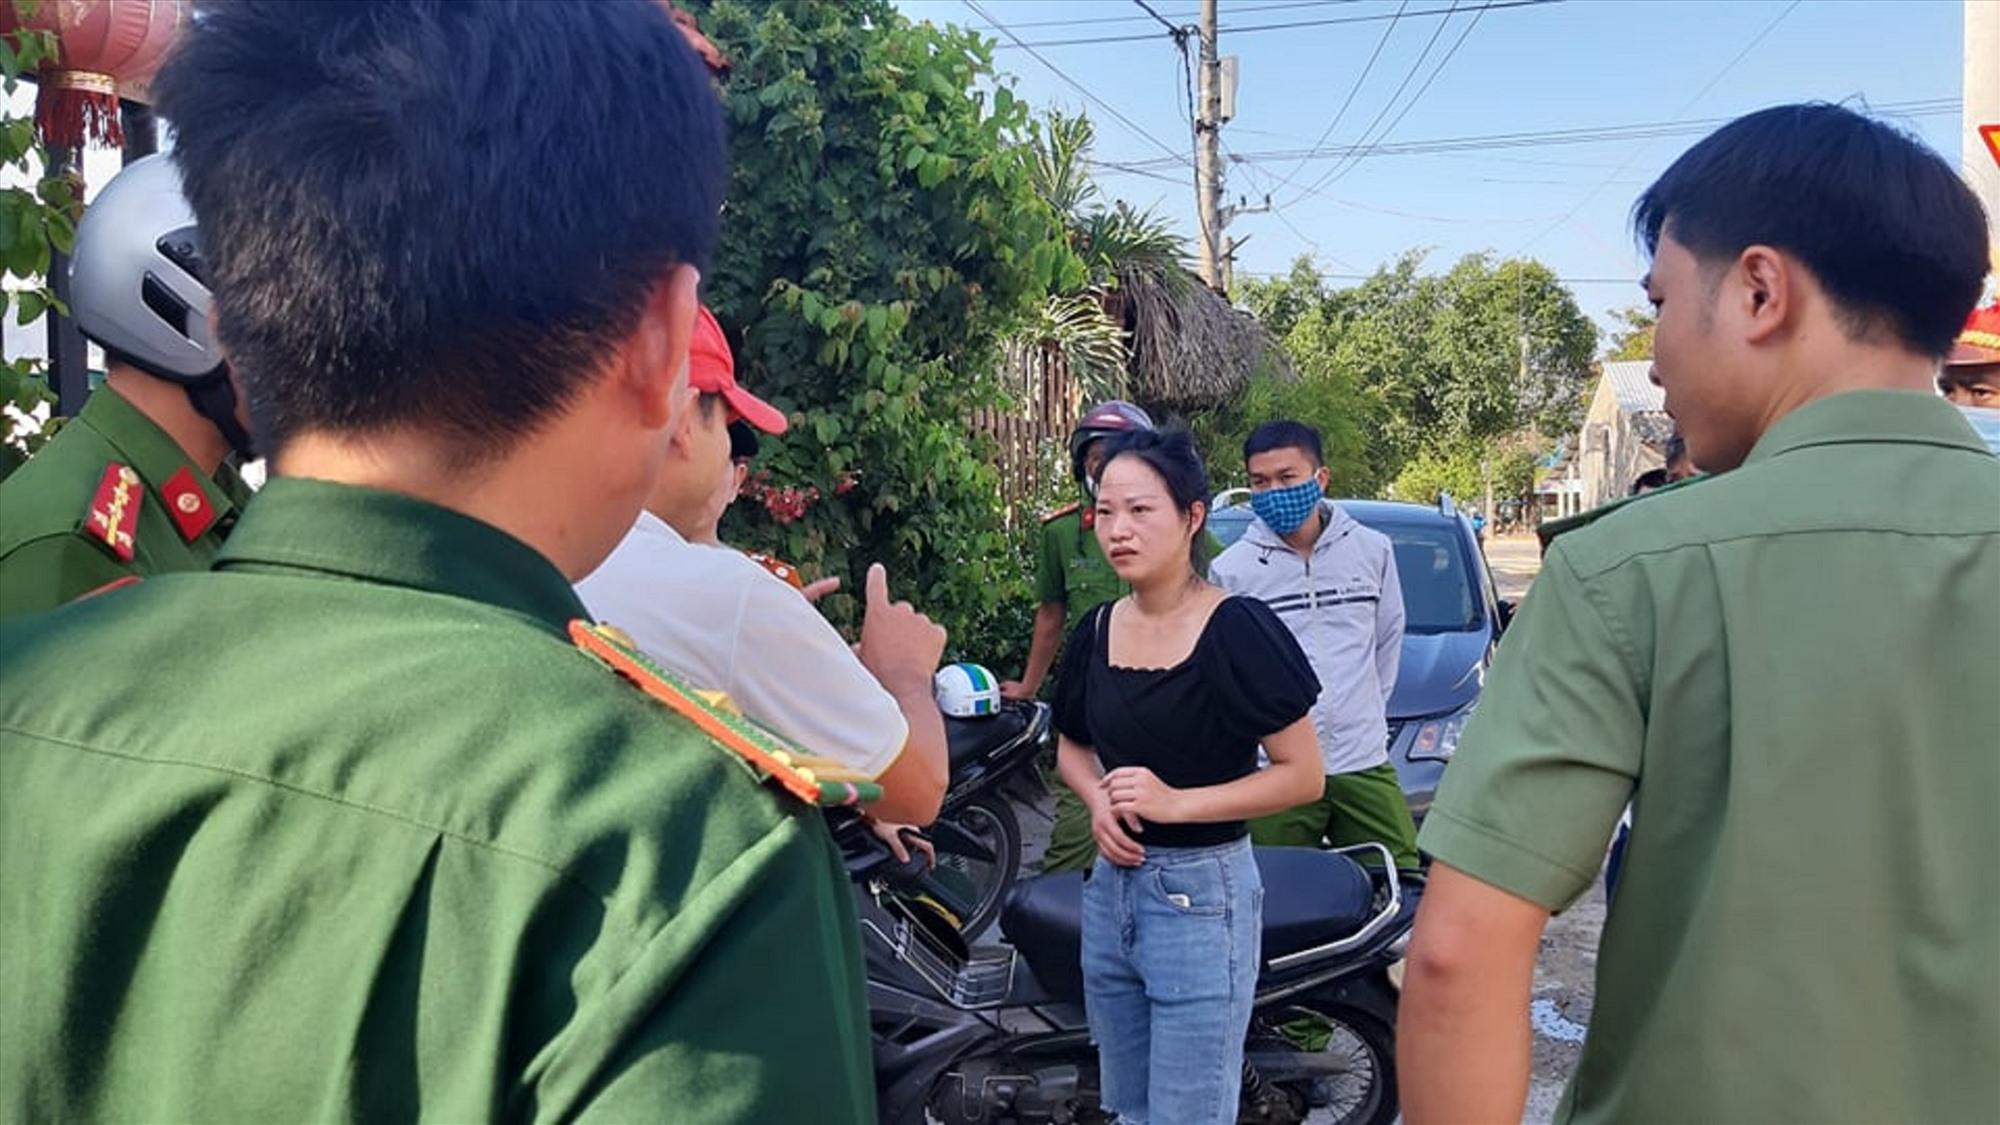 Quảng Nam từng phát hiện nhóm người Trung Quốc nhập cảnh, lưu trú trái phép vào tháng 7.2020. Ảnh: T.T